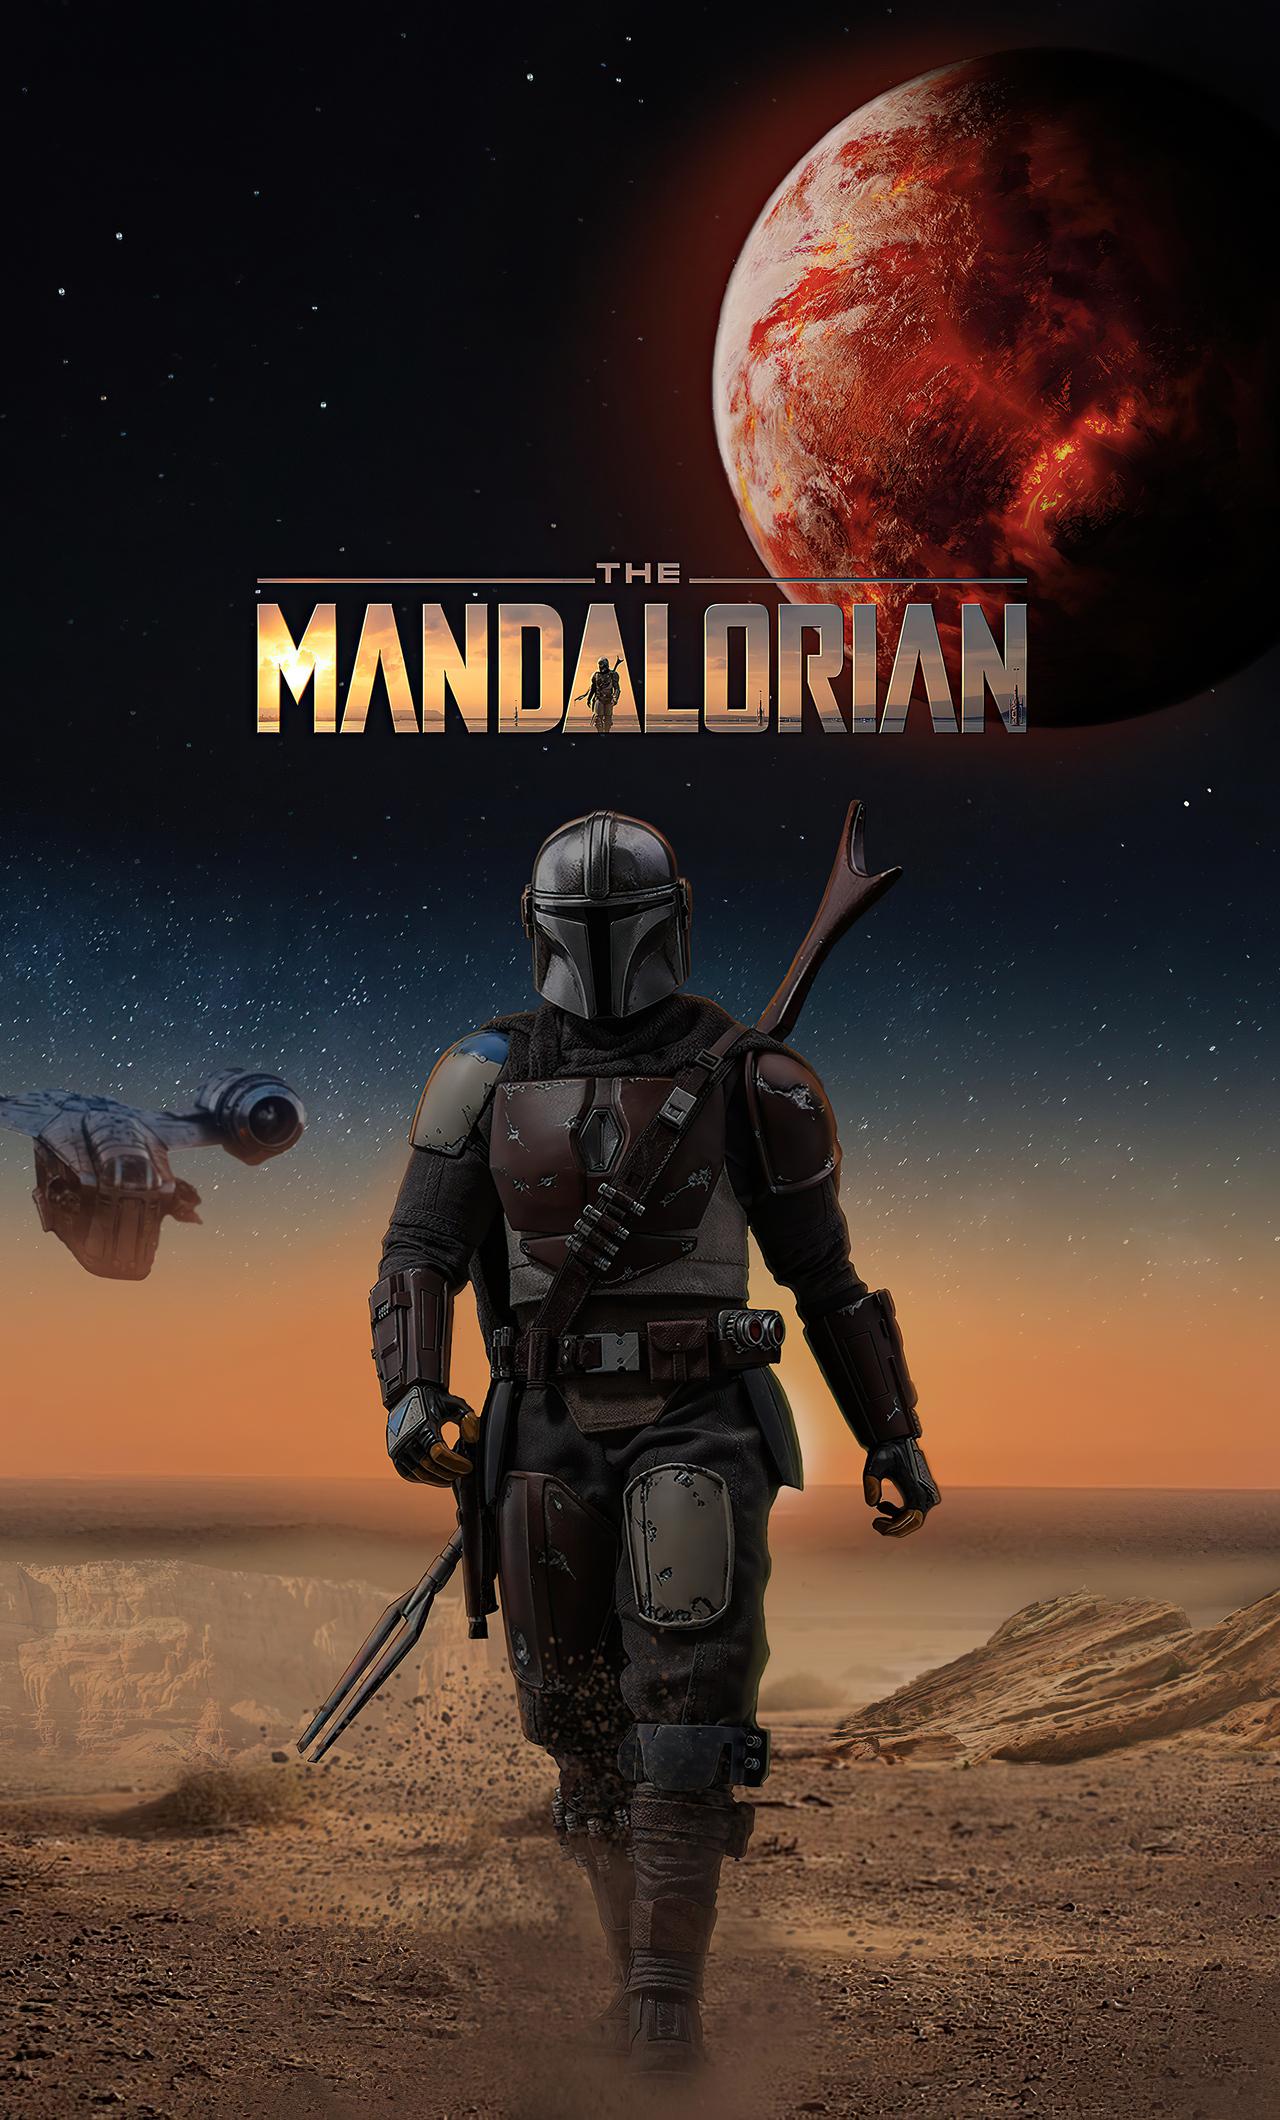 mandalorian-poster-cover-art-4k-4i.jpg